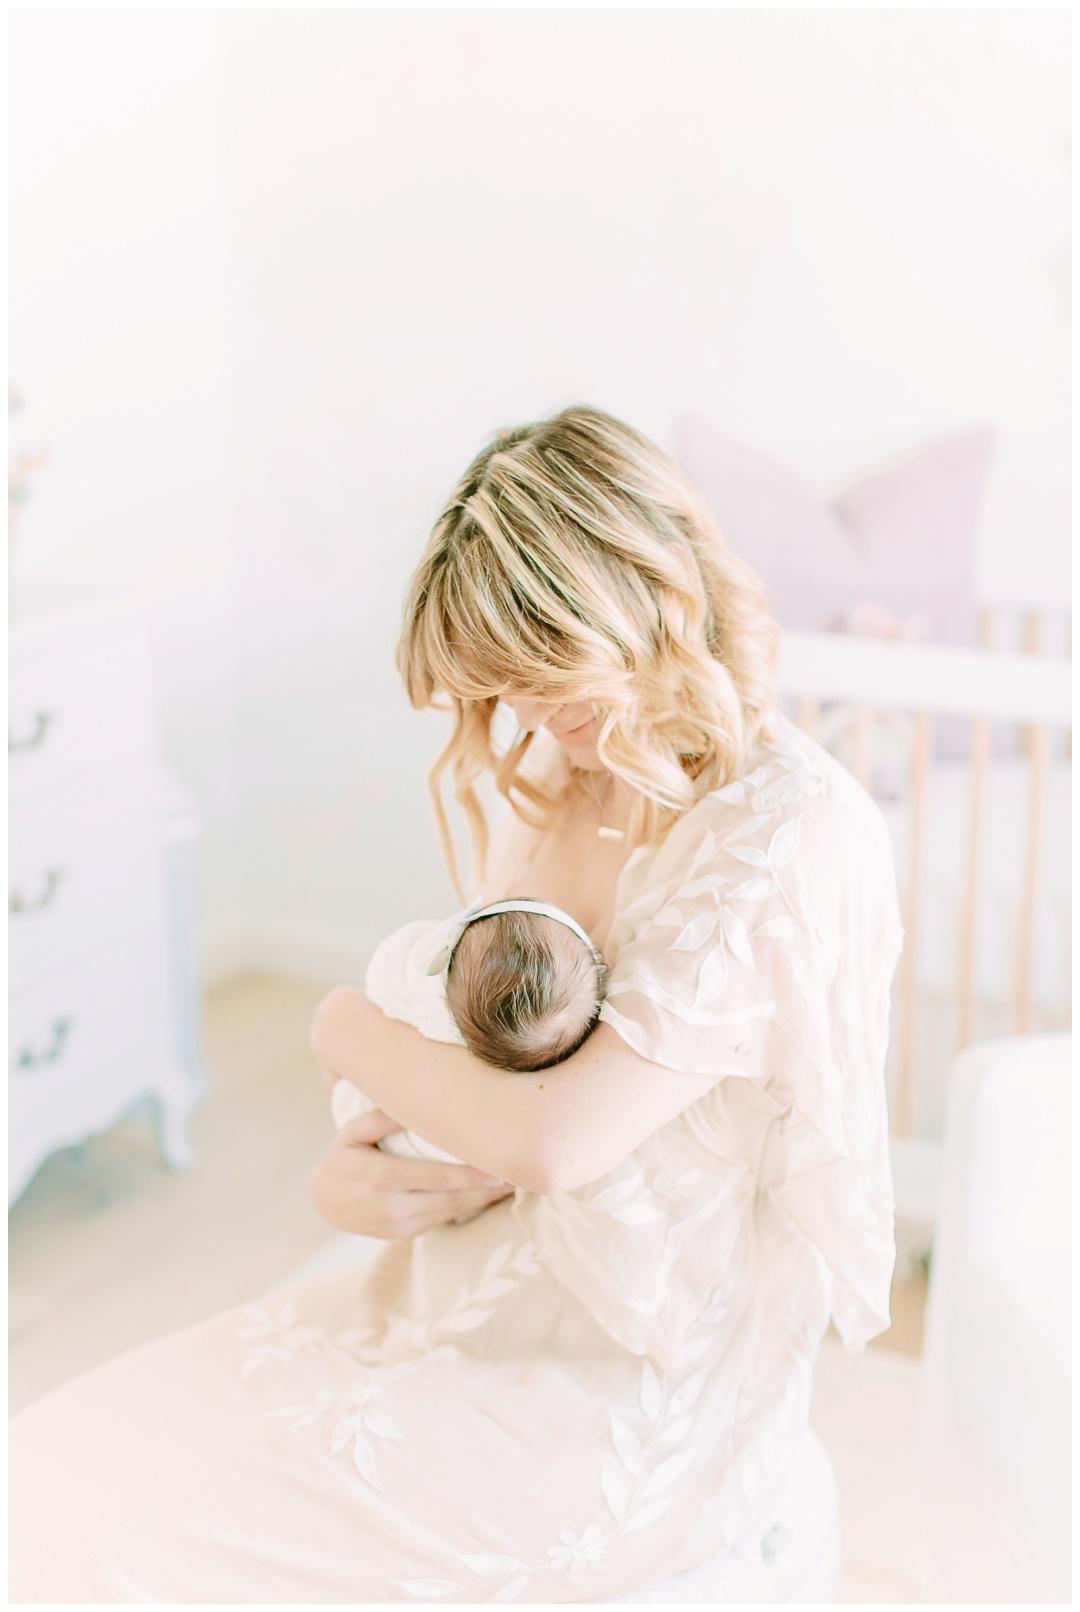 Newport_Beach_Newborn_Photographer_In-home_Newborn_Photography_Cori_Kleckner_Photography_The_Pirro_Family_Jessica_Pirro__1095.jpg